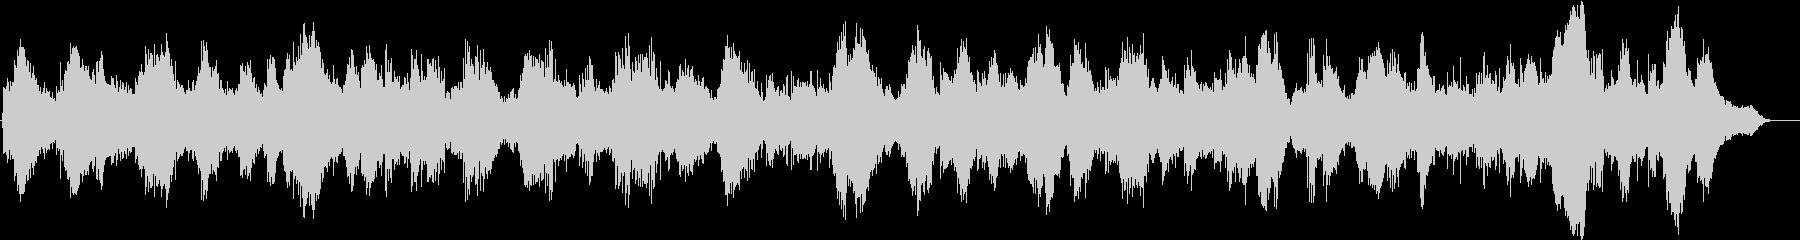 静かなピアノとキラキラしたシンセサイザーの未再生の波形